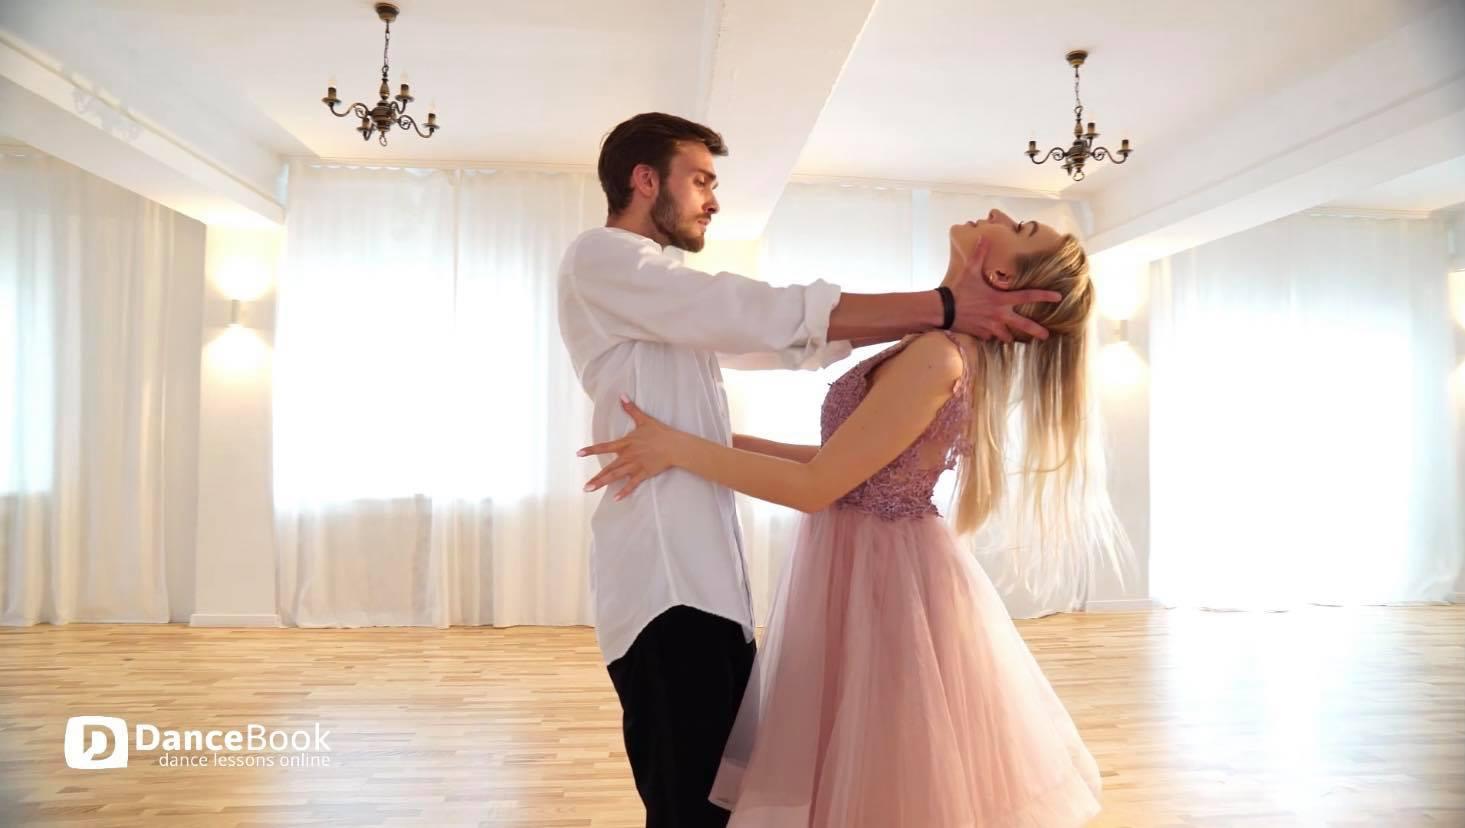 New! Fire On Fire - Wedding Dance Choreography | Pierwszy Taniec Weselny